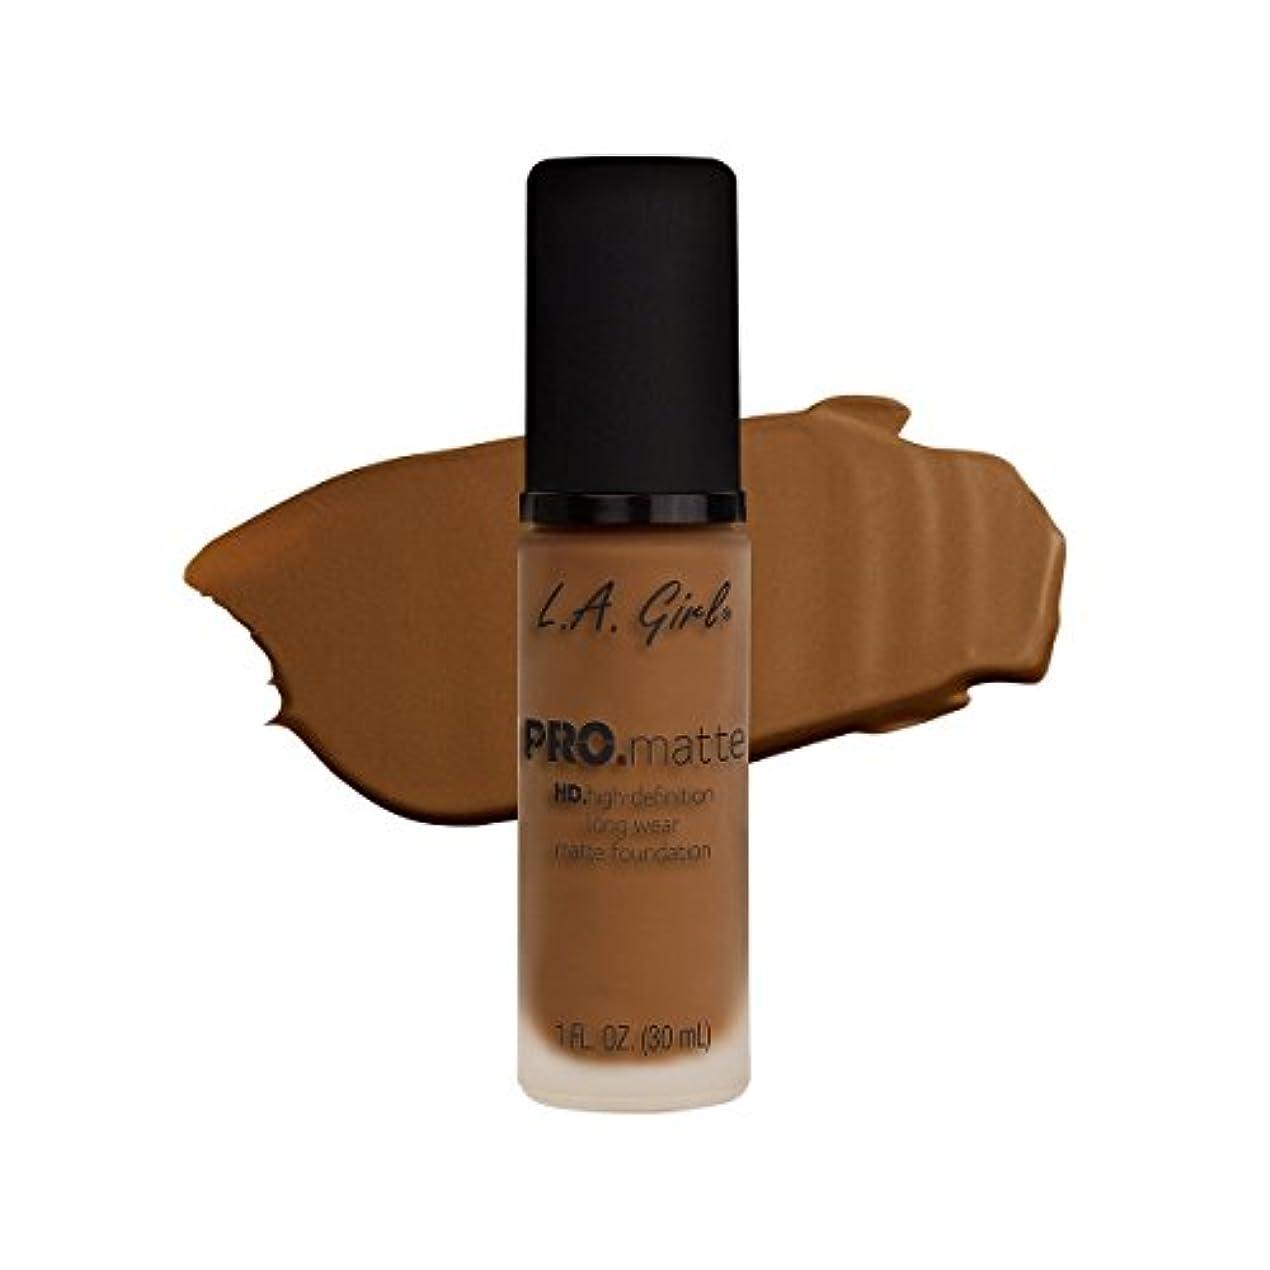 効率的にはちみつページェント(6 Pack) L.A. GIRL Pro Matte Foundation - Nutmeg (並行輸入品)